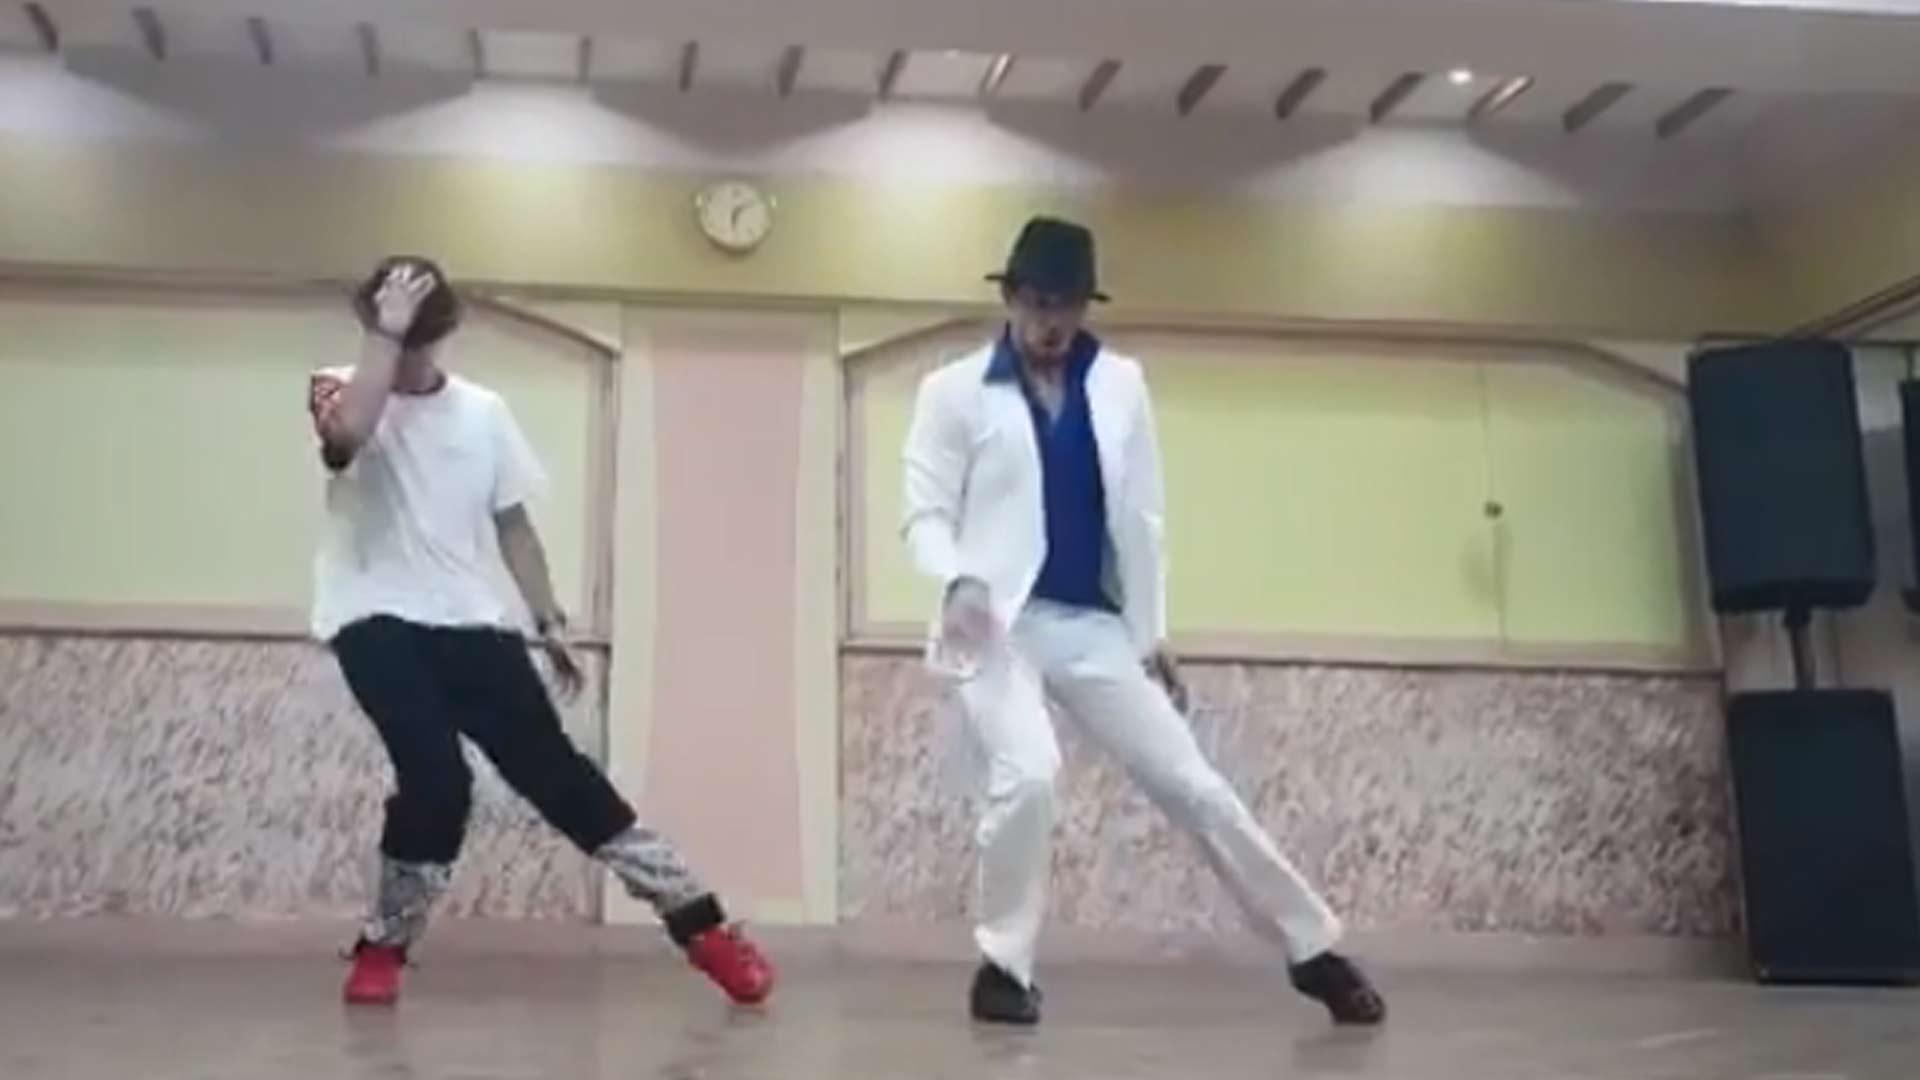 टाइगर श्राफ ने किया माइकल जैक्सन की धुन पर डांस, लाखों बार देखा गया VIDEO